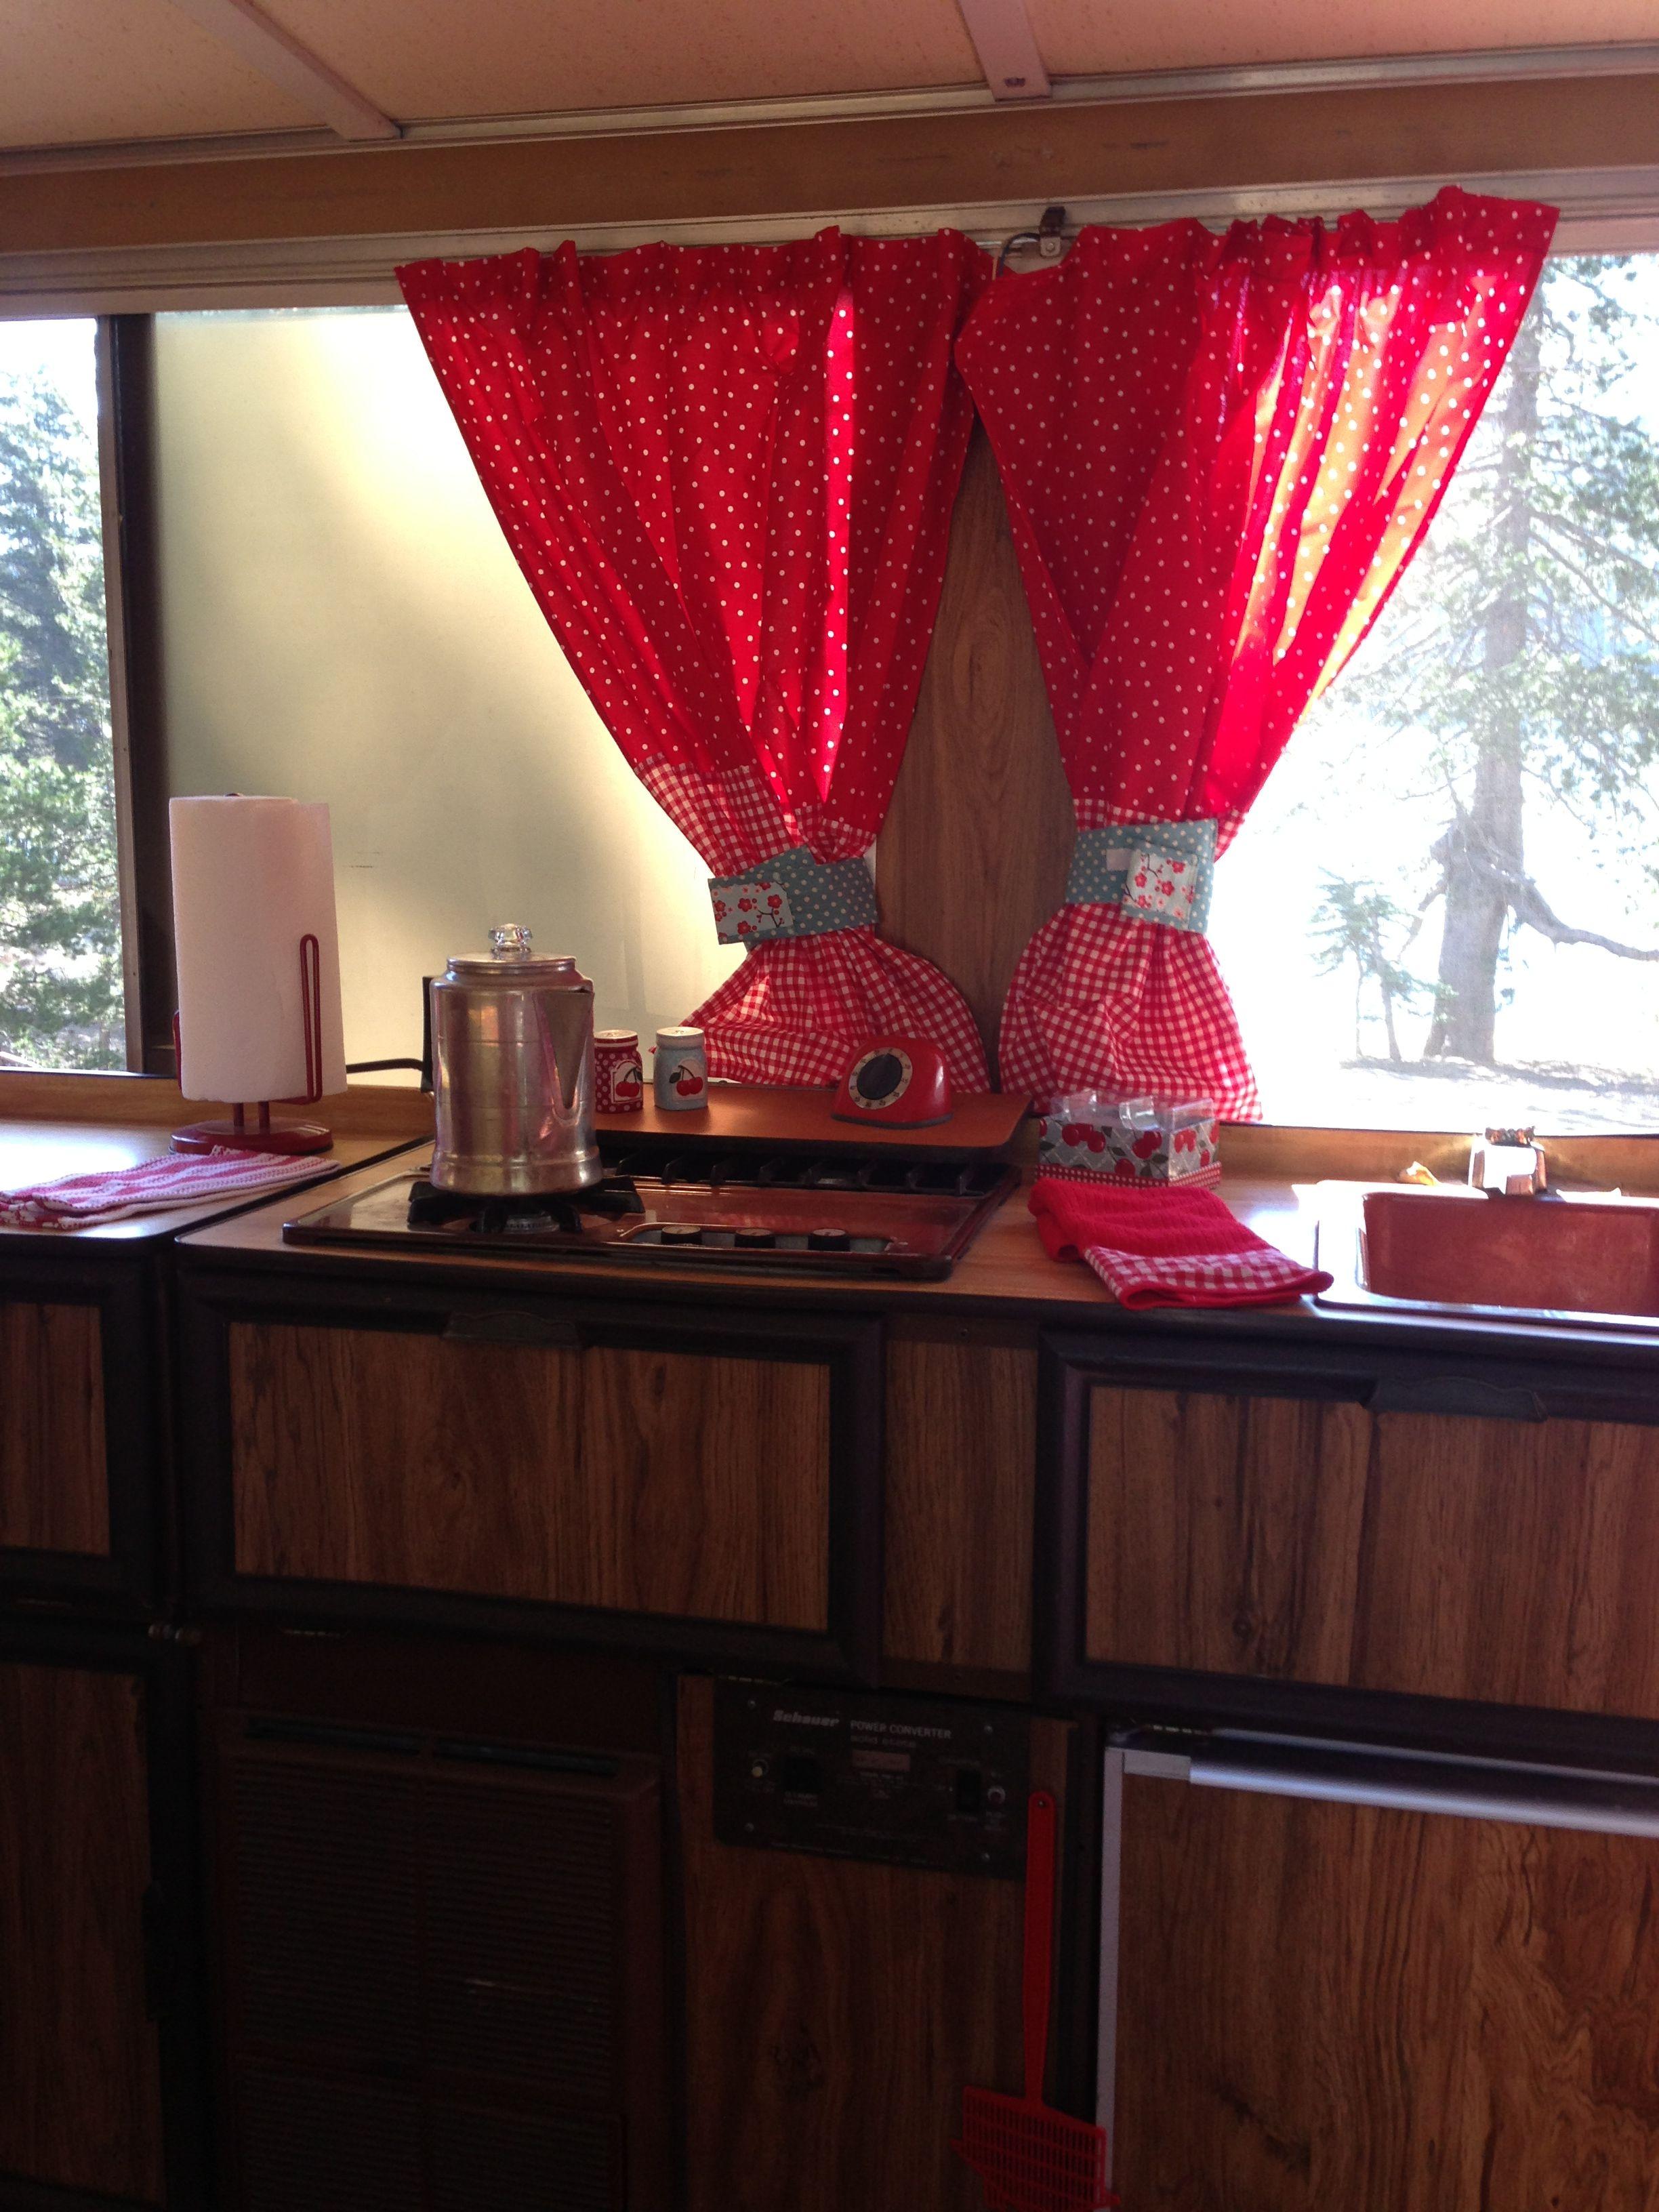 Kitchen decor in 1977 Apache pop up camper | My DIY list